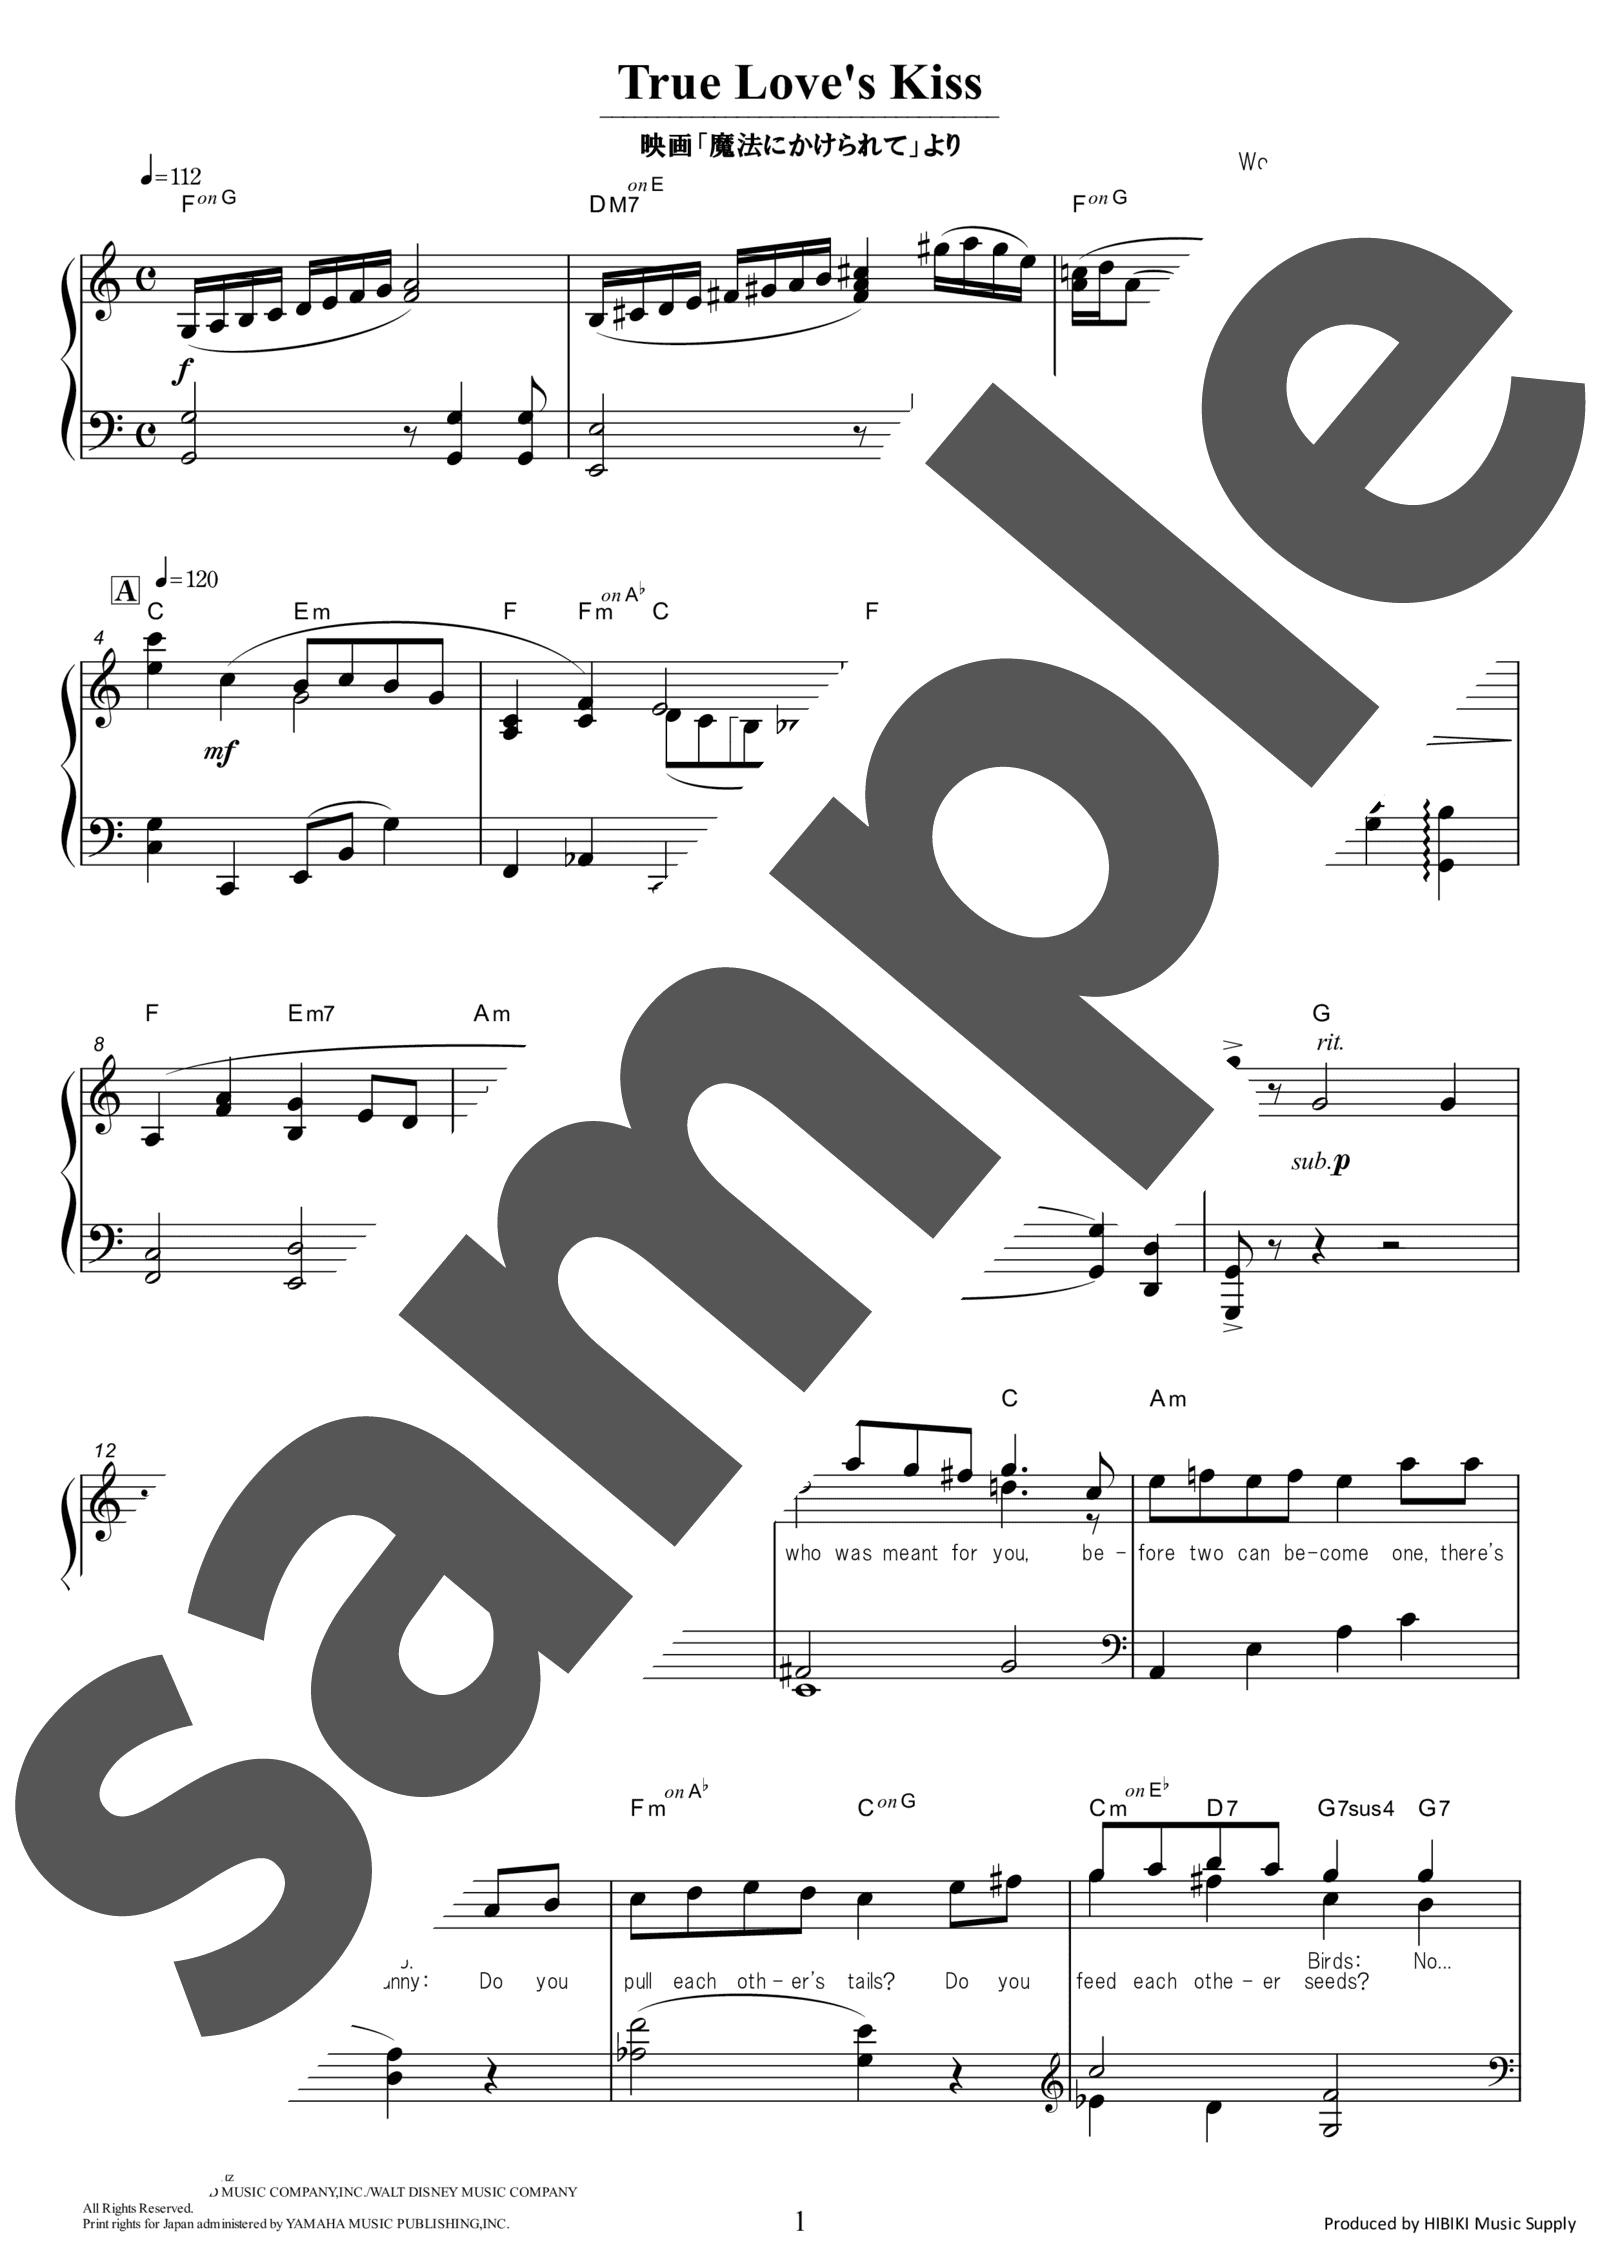 「真実の愛のキス」のサンプル楽譜